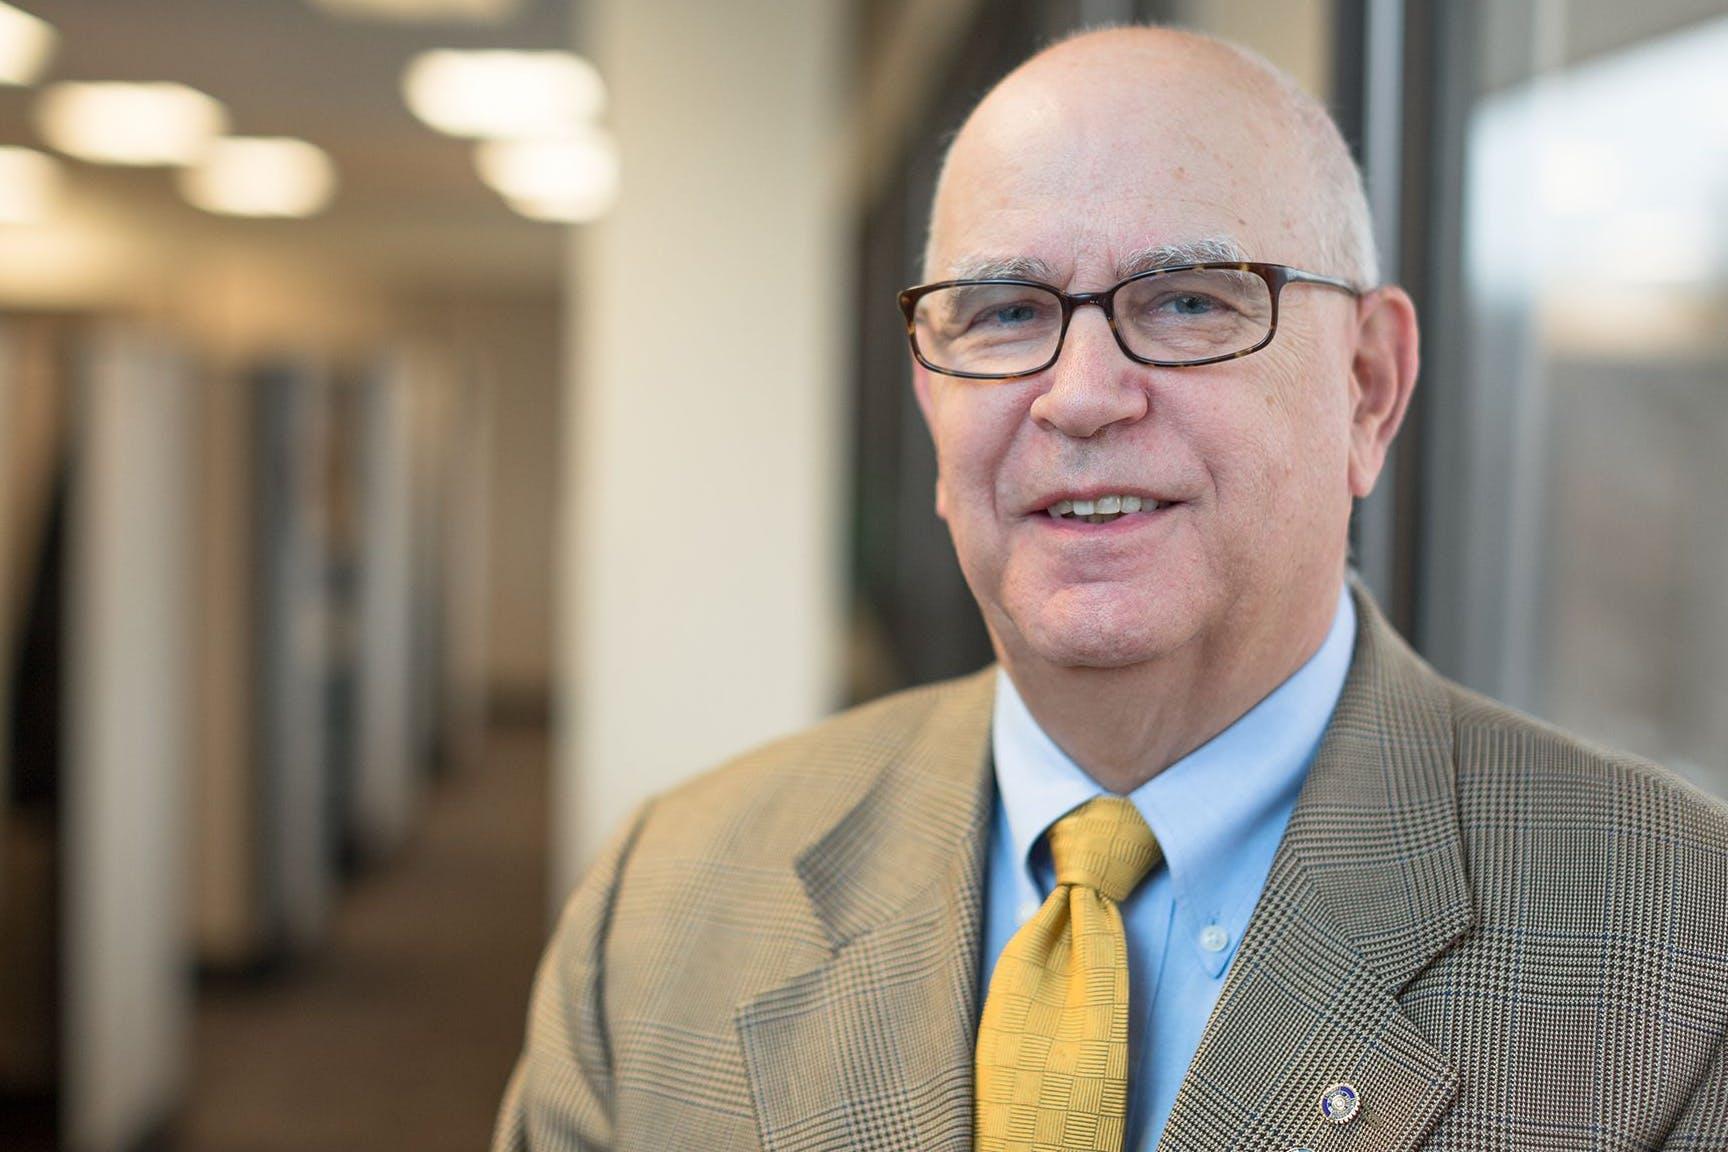 Alumni Profile: Paul Bierhaus '65